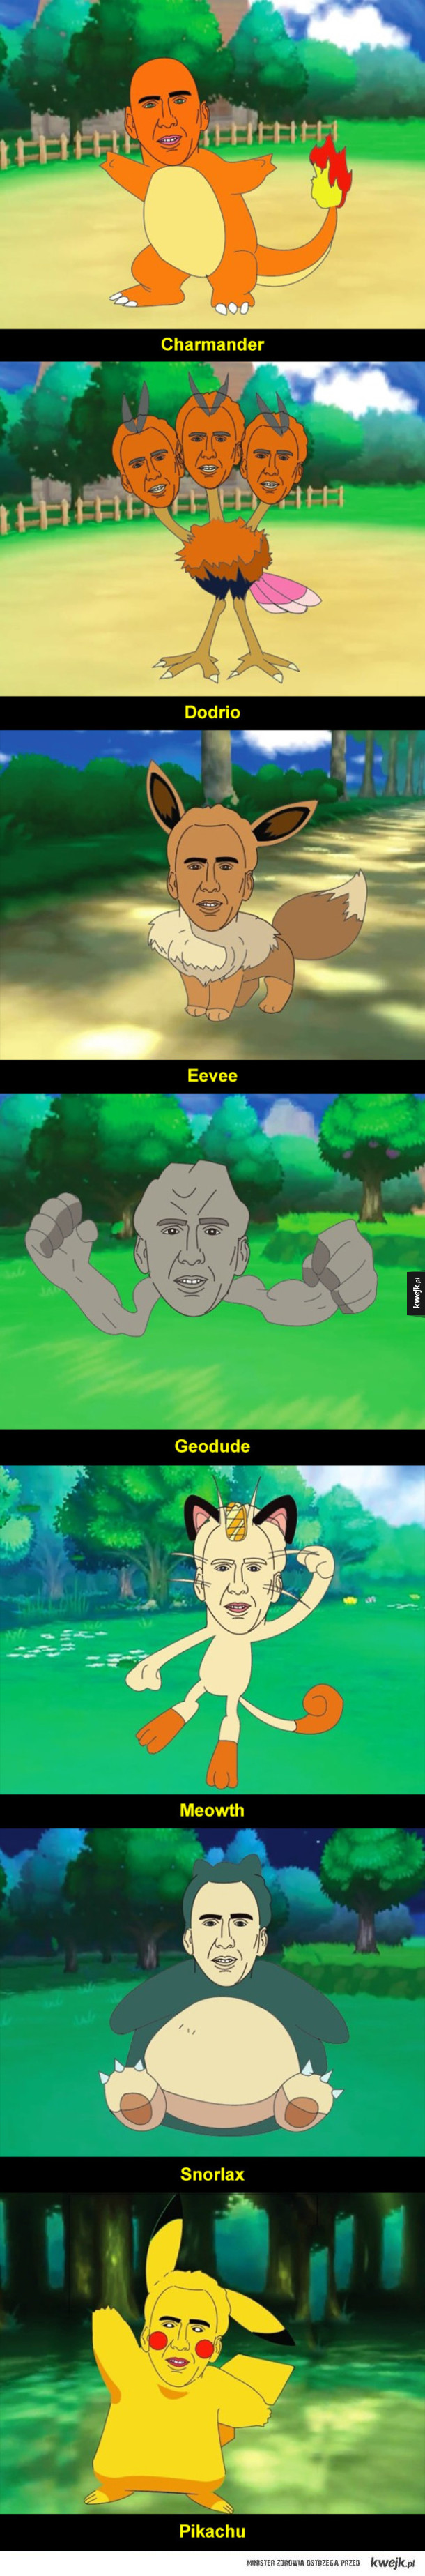 Nicolas Cage jako Pokemony, bo czemu nie